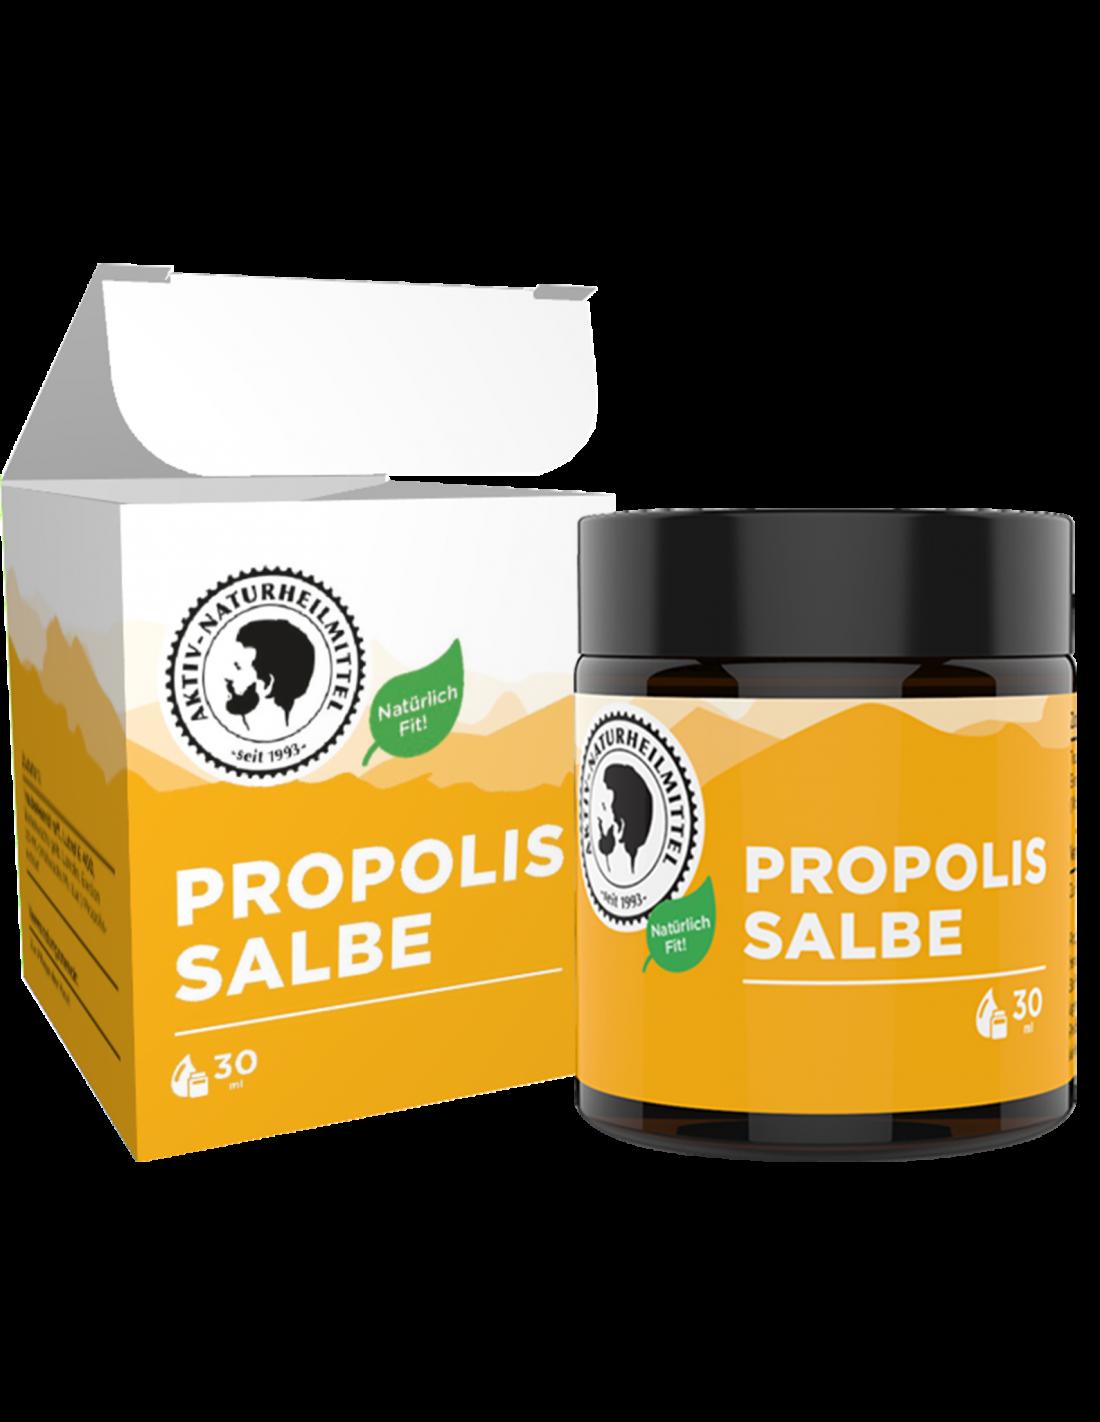 Propolis Salbe mit Schachtel